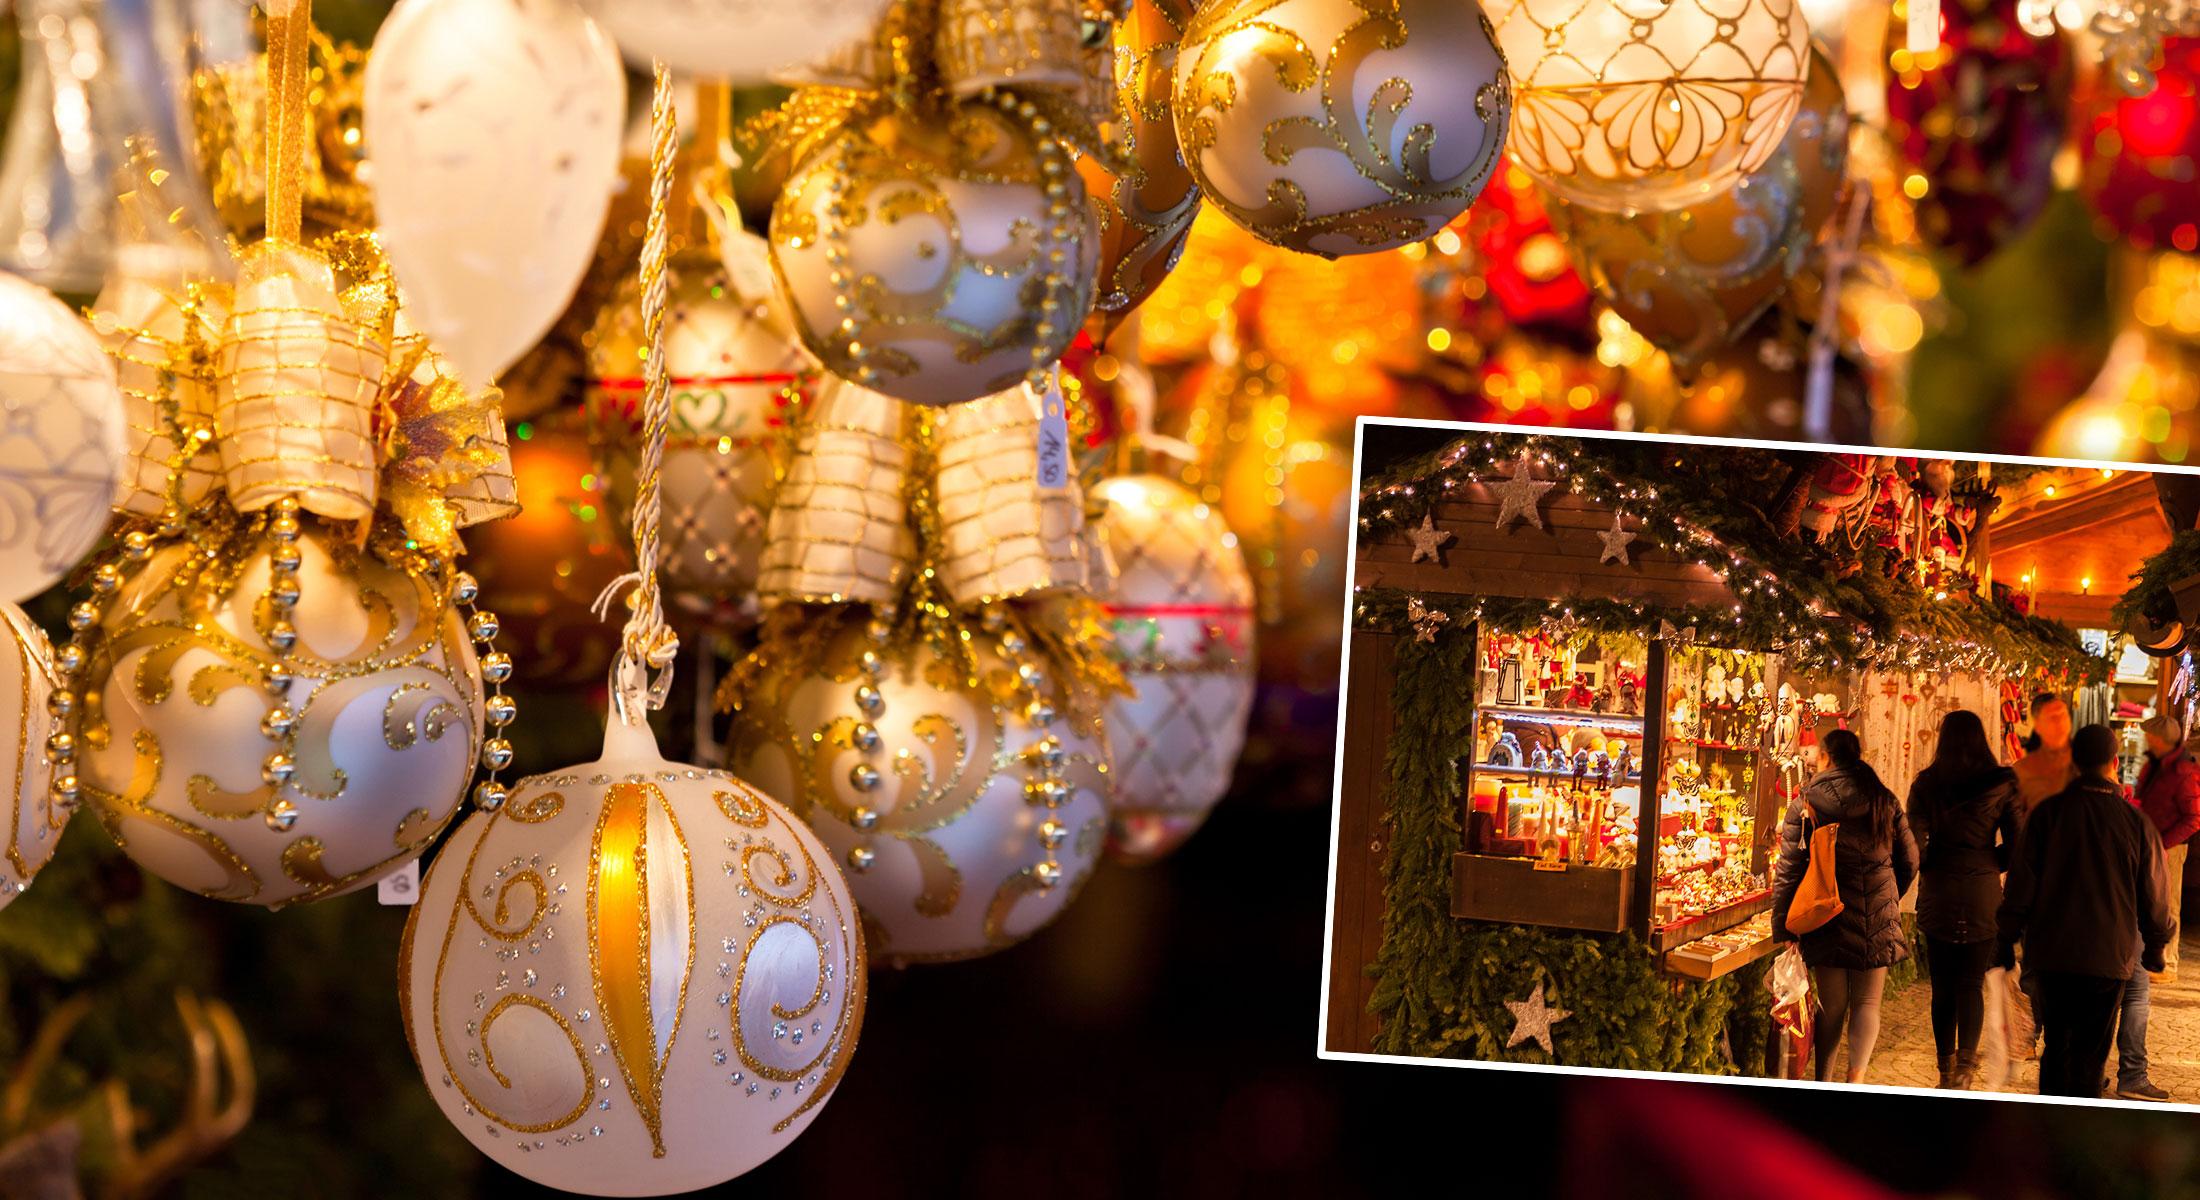 Weihnachtsmarkt Kempen.Markt Der Sterne In Kempen